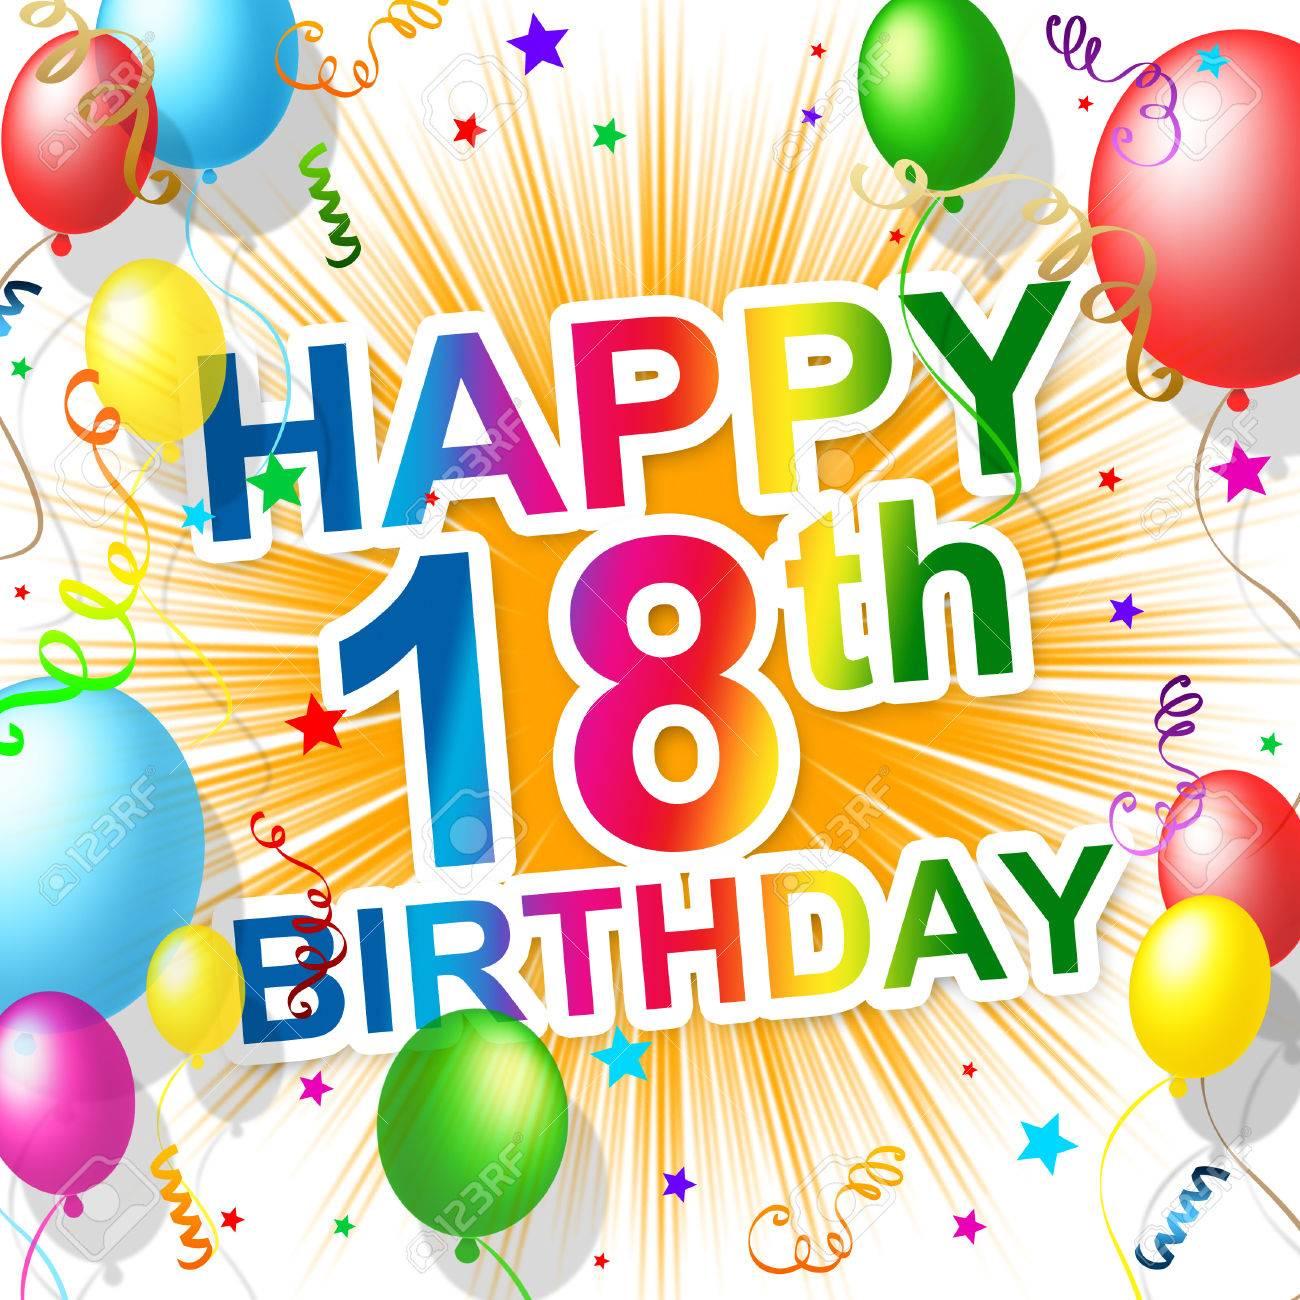 Achtzehnten Geburtstag Vertretend Glück Und Feier Lizenzfreie Fotos